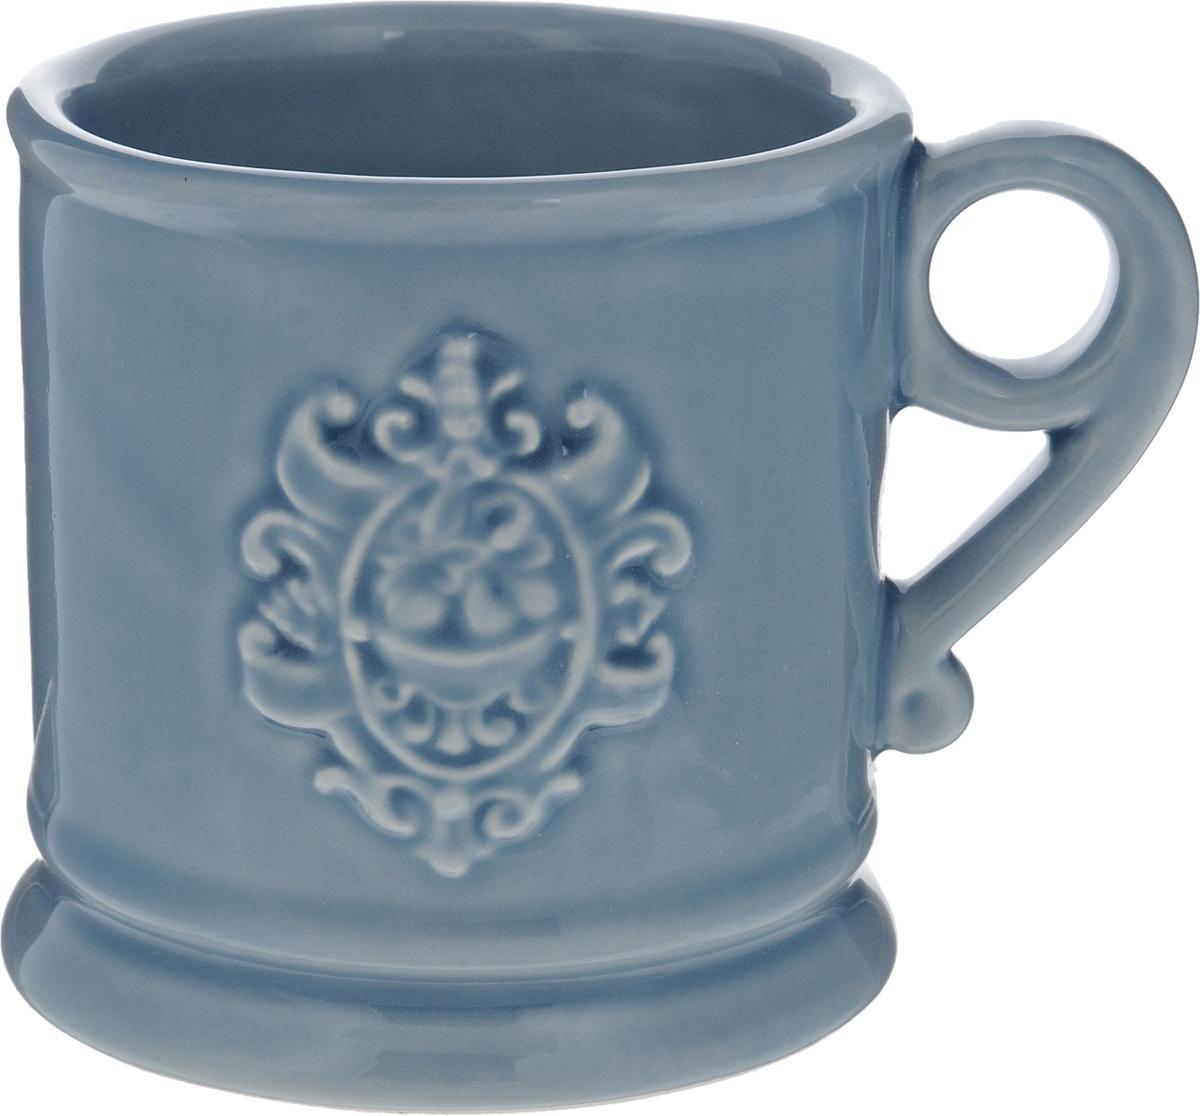 Кружка Nuova Cer Аральдо, цвет: голубой, 400 млNC8307-CRZ-ALКружка Nuova Cer Аральдо выполнена из высококачественной толстой керамики с глазурованным покрытием и оформлена оригинальным рельефным рисунком. Красивая и удобная кружка дополнит интерьер вашей кухни.Не рекомендуется мыть в посудомоечной машине и использовать в микроволновой печи.Диаметр кружки (по верхнему краю): 10 см.